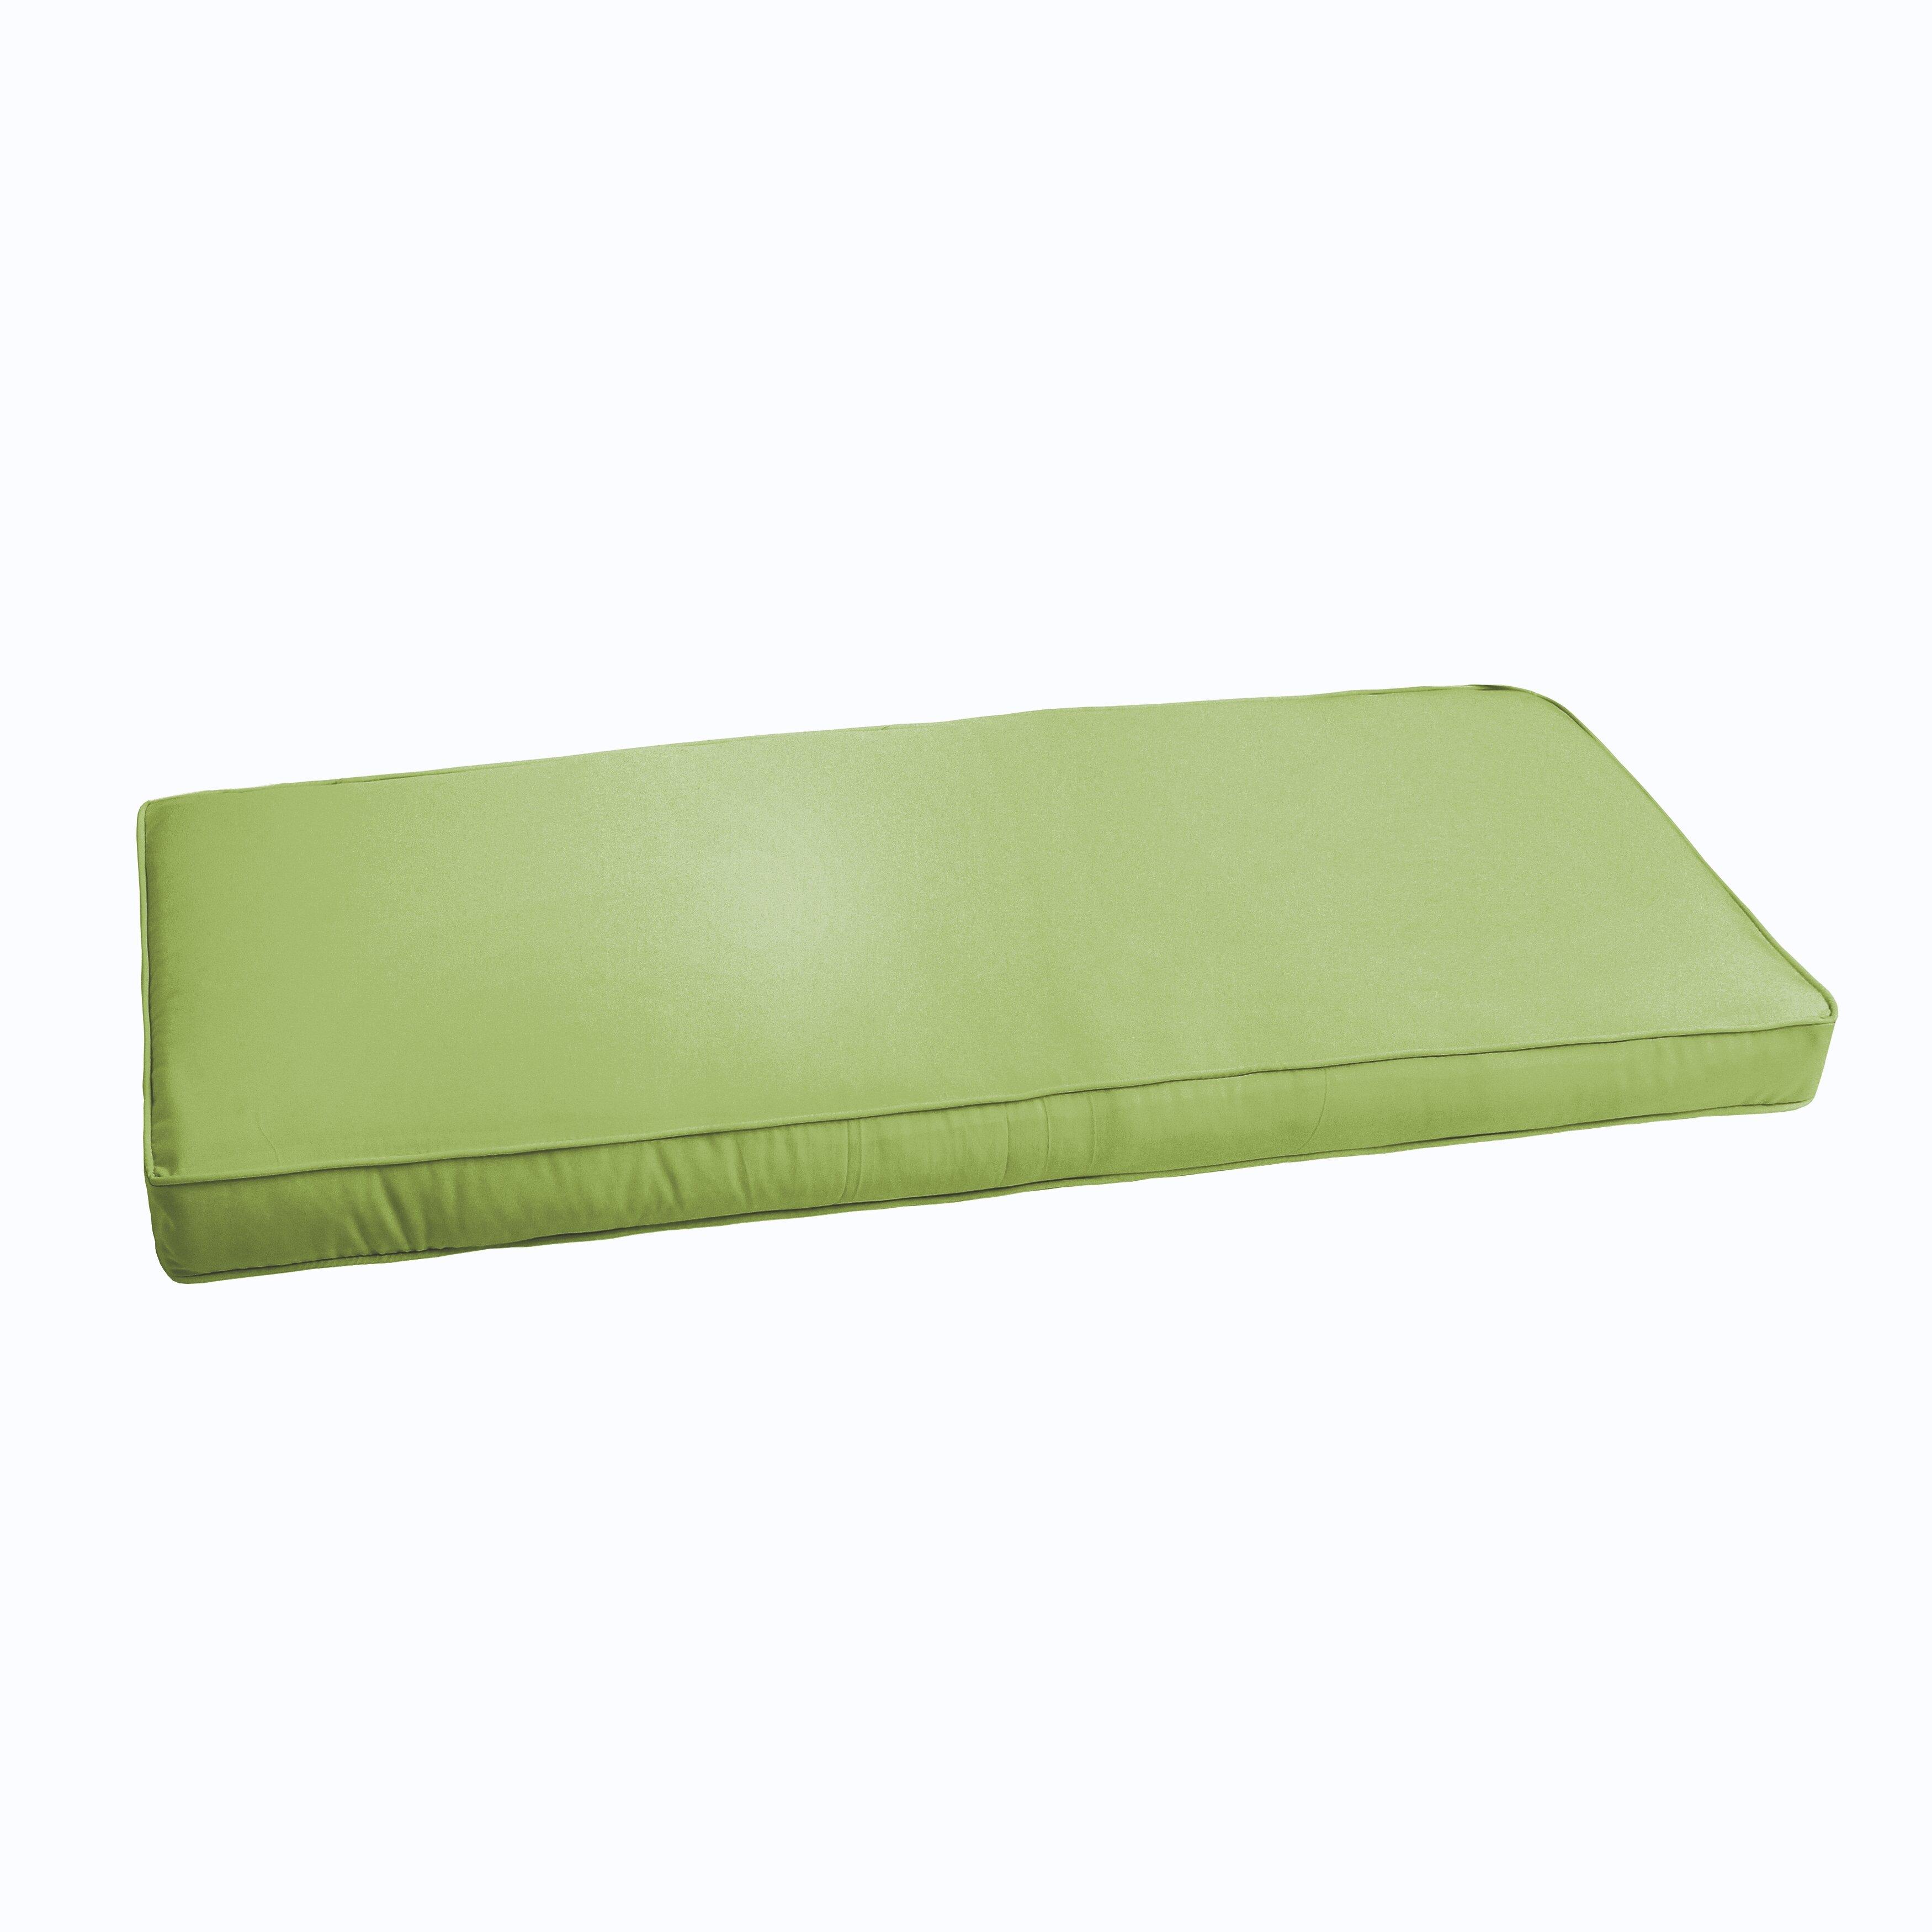 Brayden Studio Kaplan Indoor Outdoor Bench Cushion Reviews Wayfair